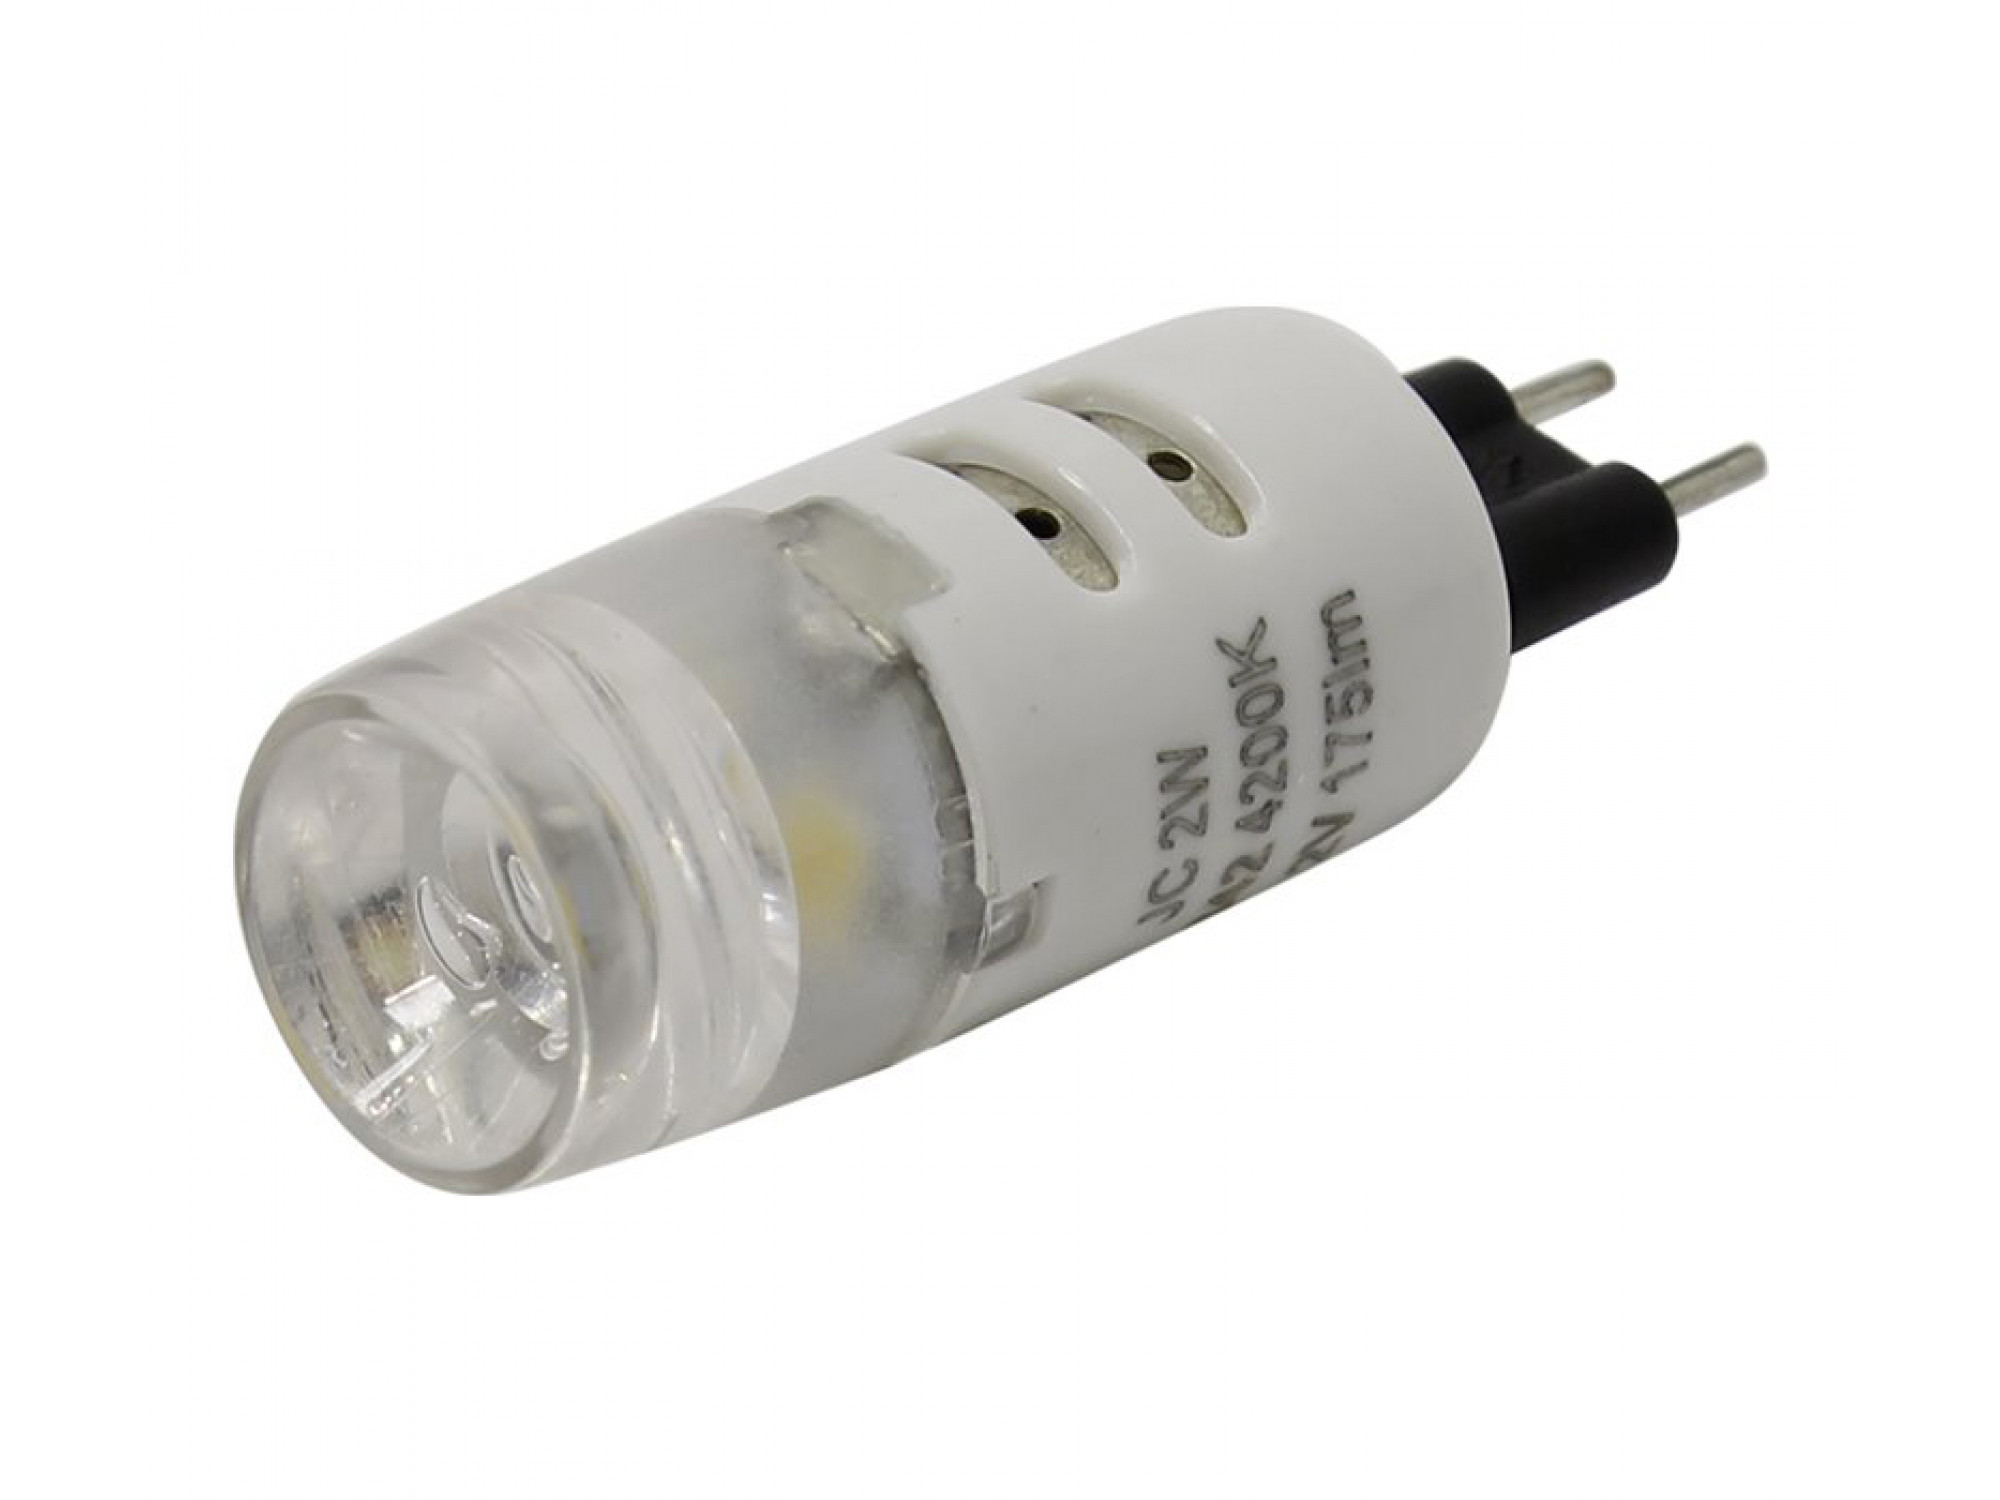 լամպ ERA LED JC-2W-842-G4